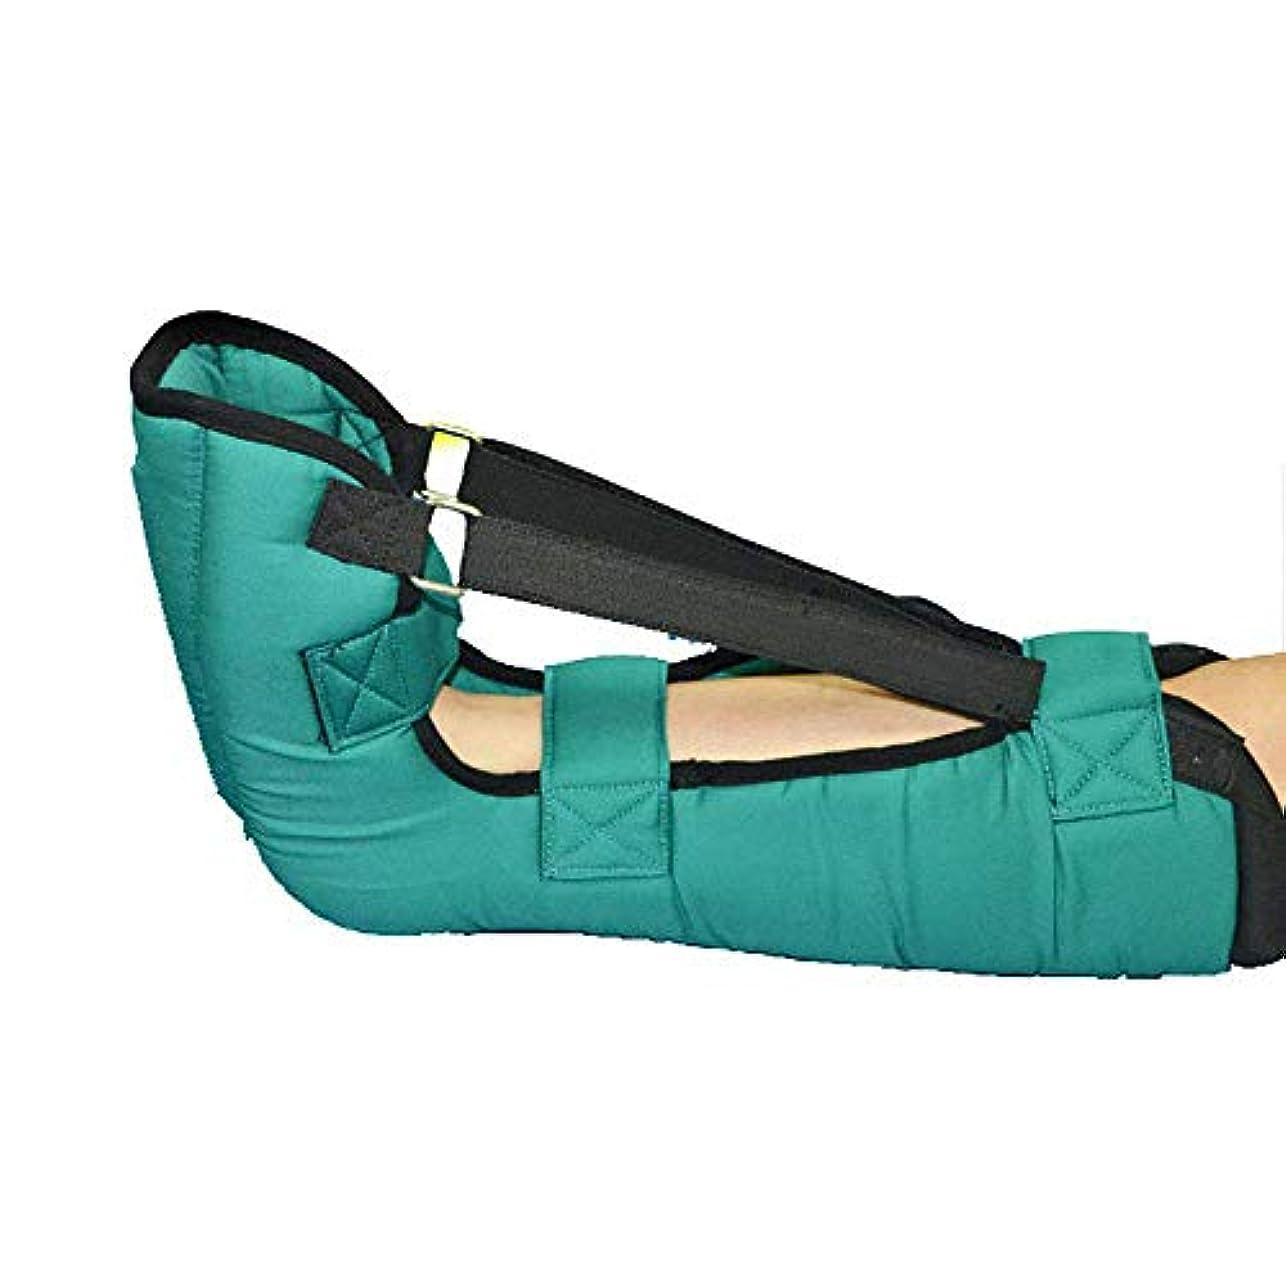 走る道を作る不完全1個拡張ヒールプロテクター、褥瘡とかかと潰瘍軽減のための足首ジョイントホルダー、グリーン